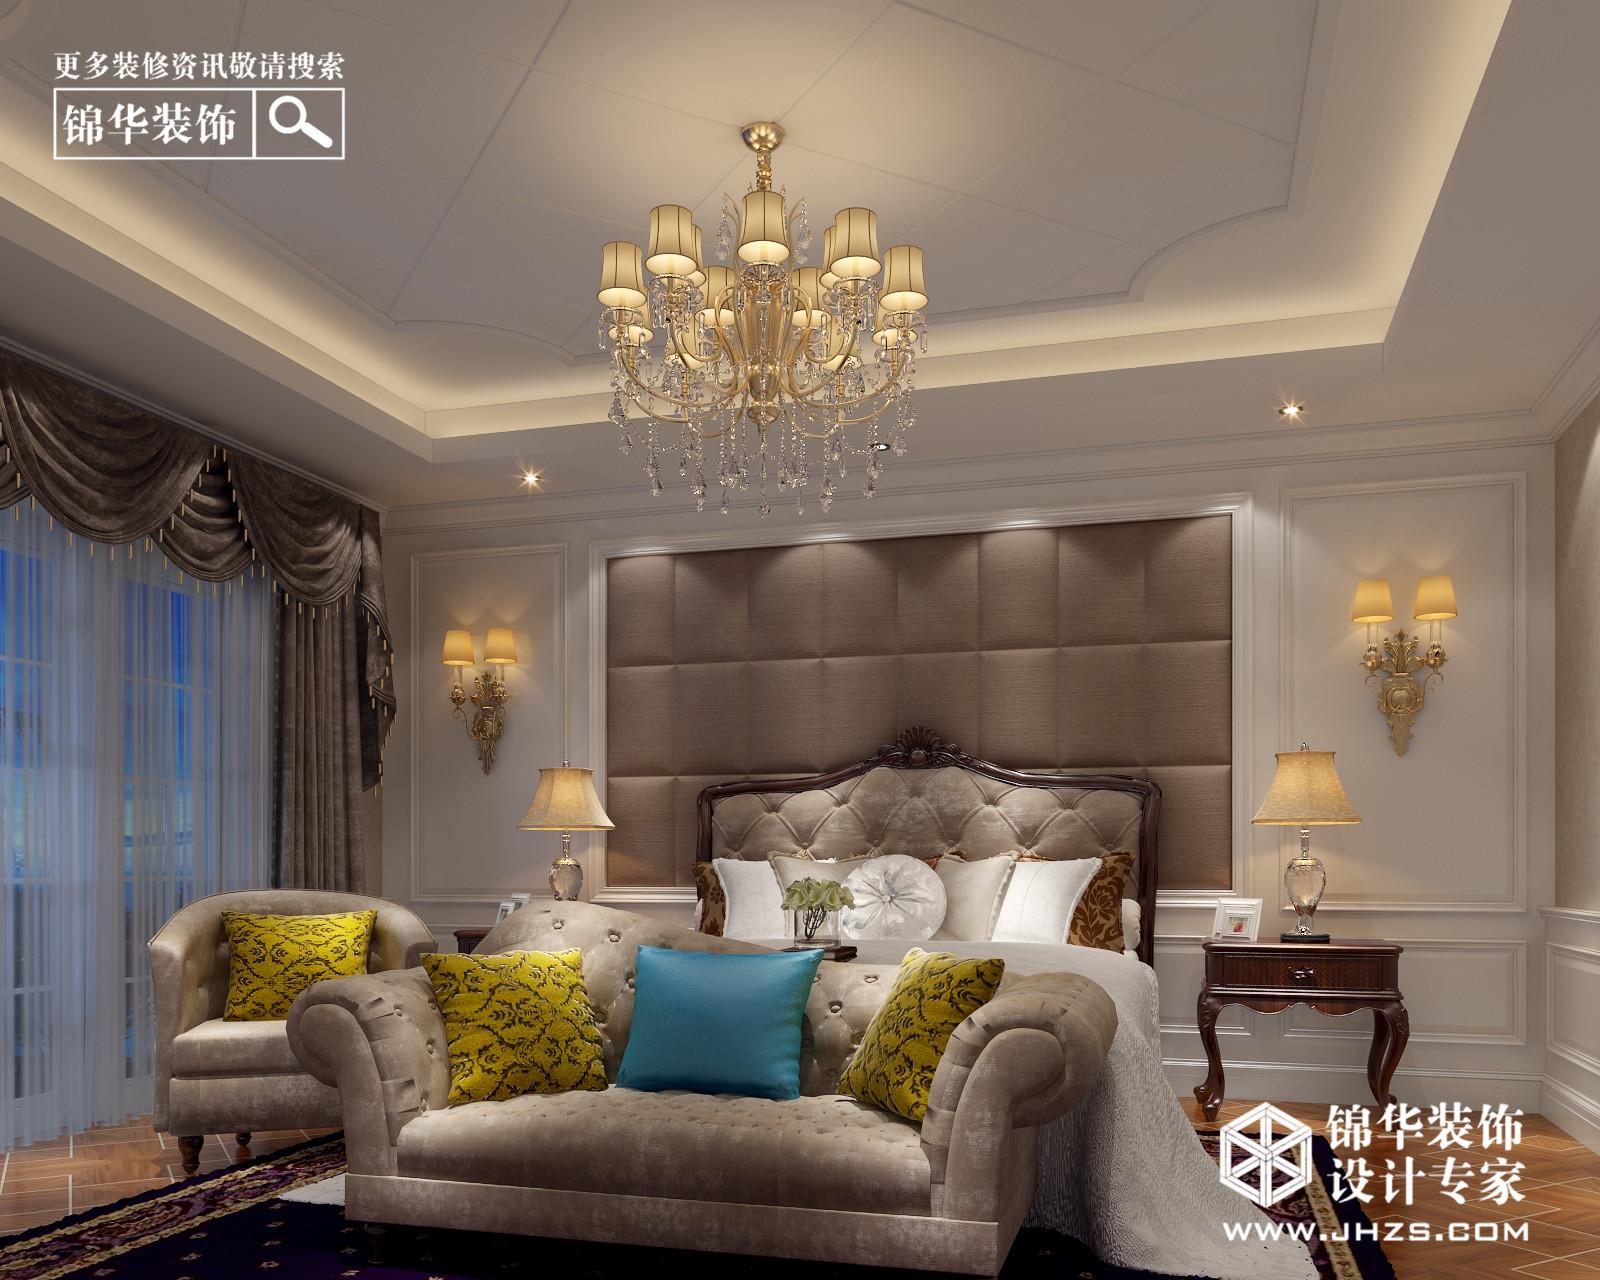 东方华府联排别墅340平方美式风格效果图装修-别墅-欧式古典